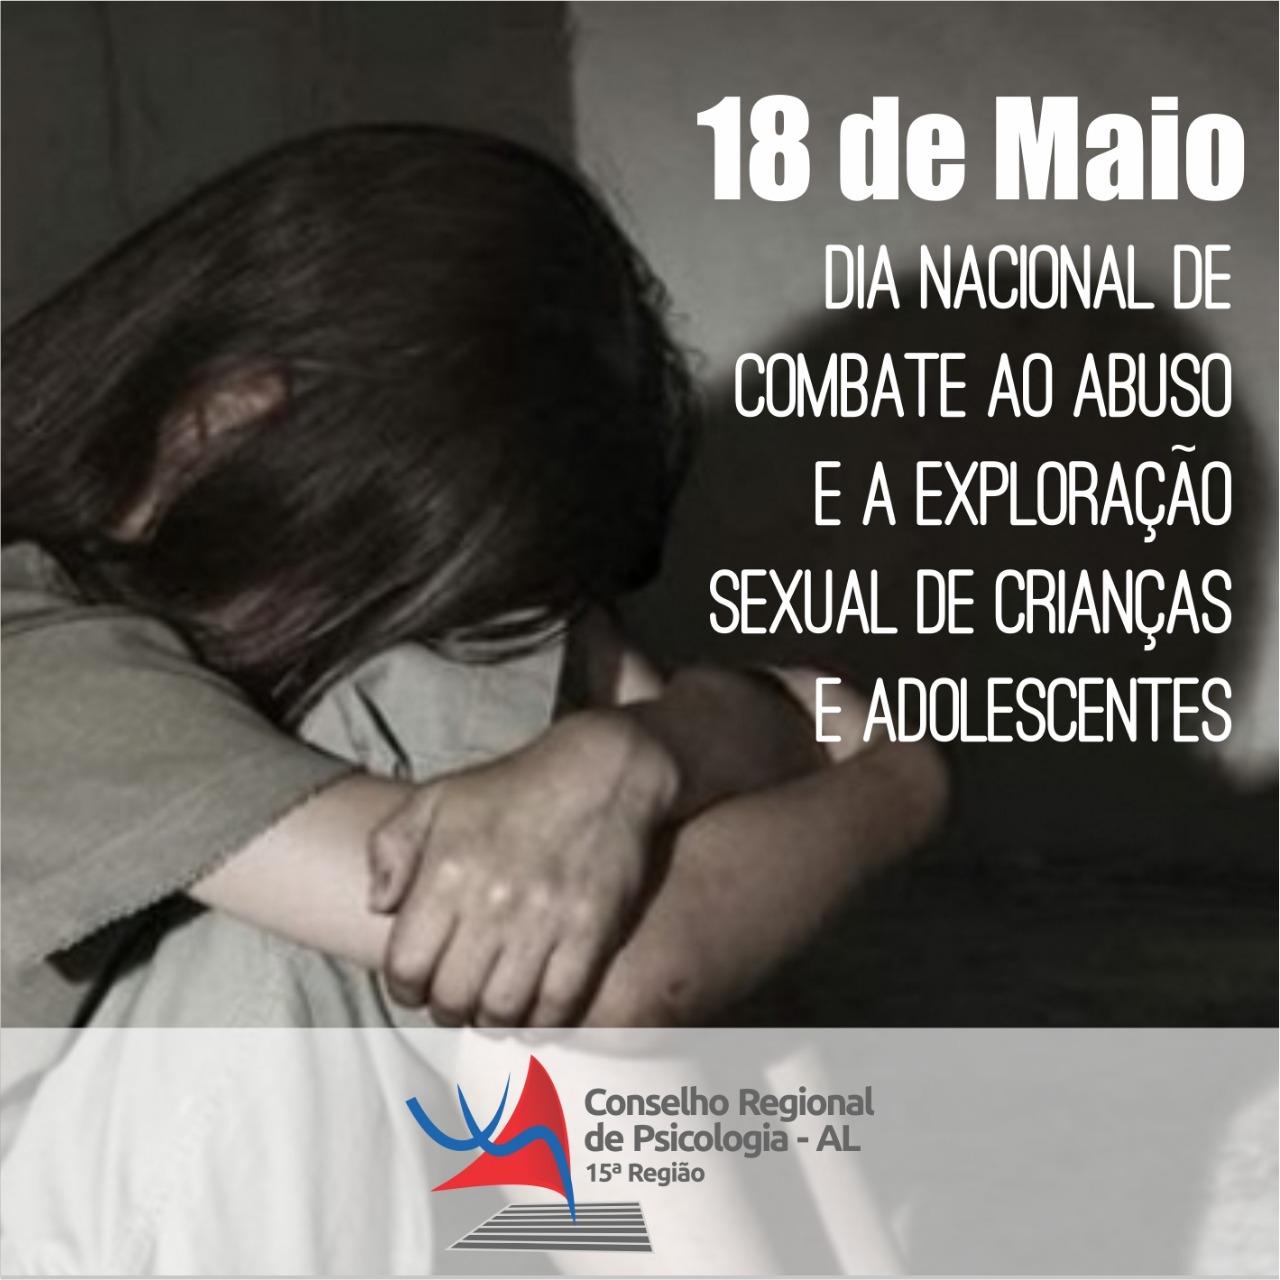 c9f66b5457b6 Conselho Regional de Psicologia - 15ª Região » 18 de maio: Dia Nacional de  Combate ao Abuso e a Exploração Sexual de Crianças e Adolescentes